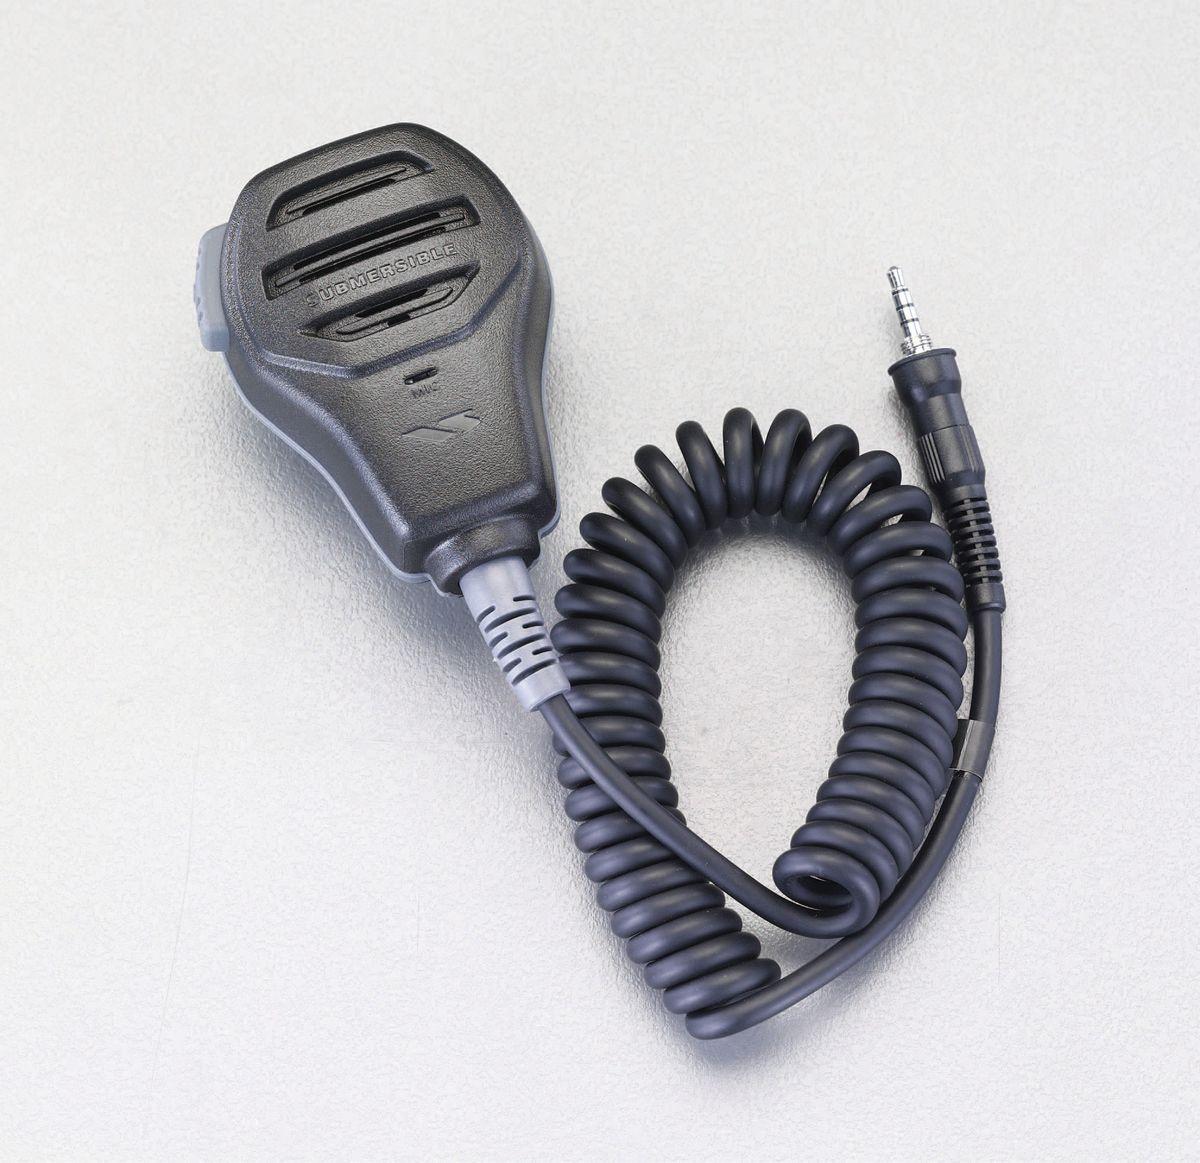 【メーカー在庫あり】 EA790MP-71 エスコ(ESCO) スピーカーマイク(防水型)